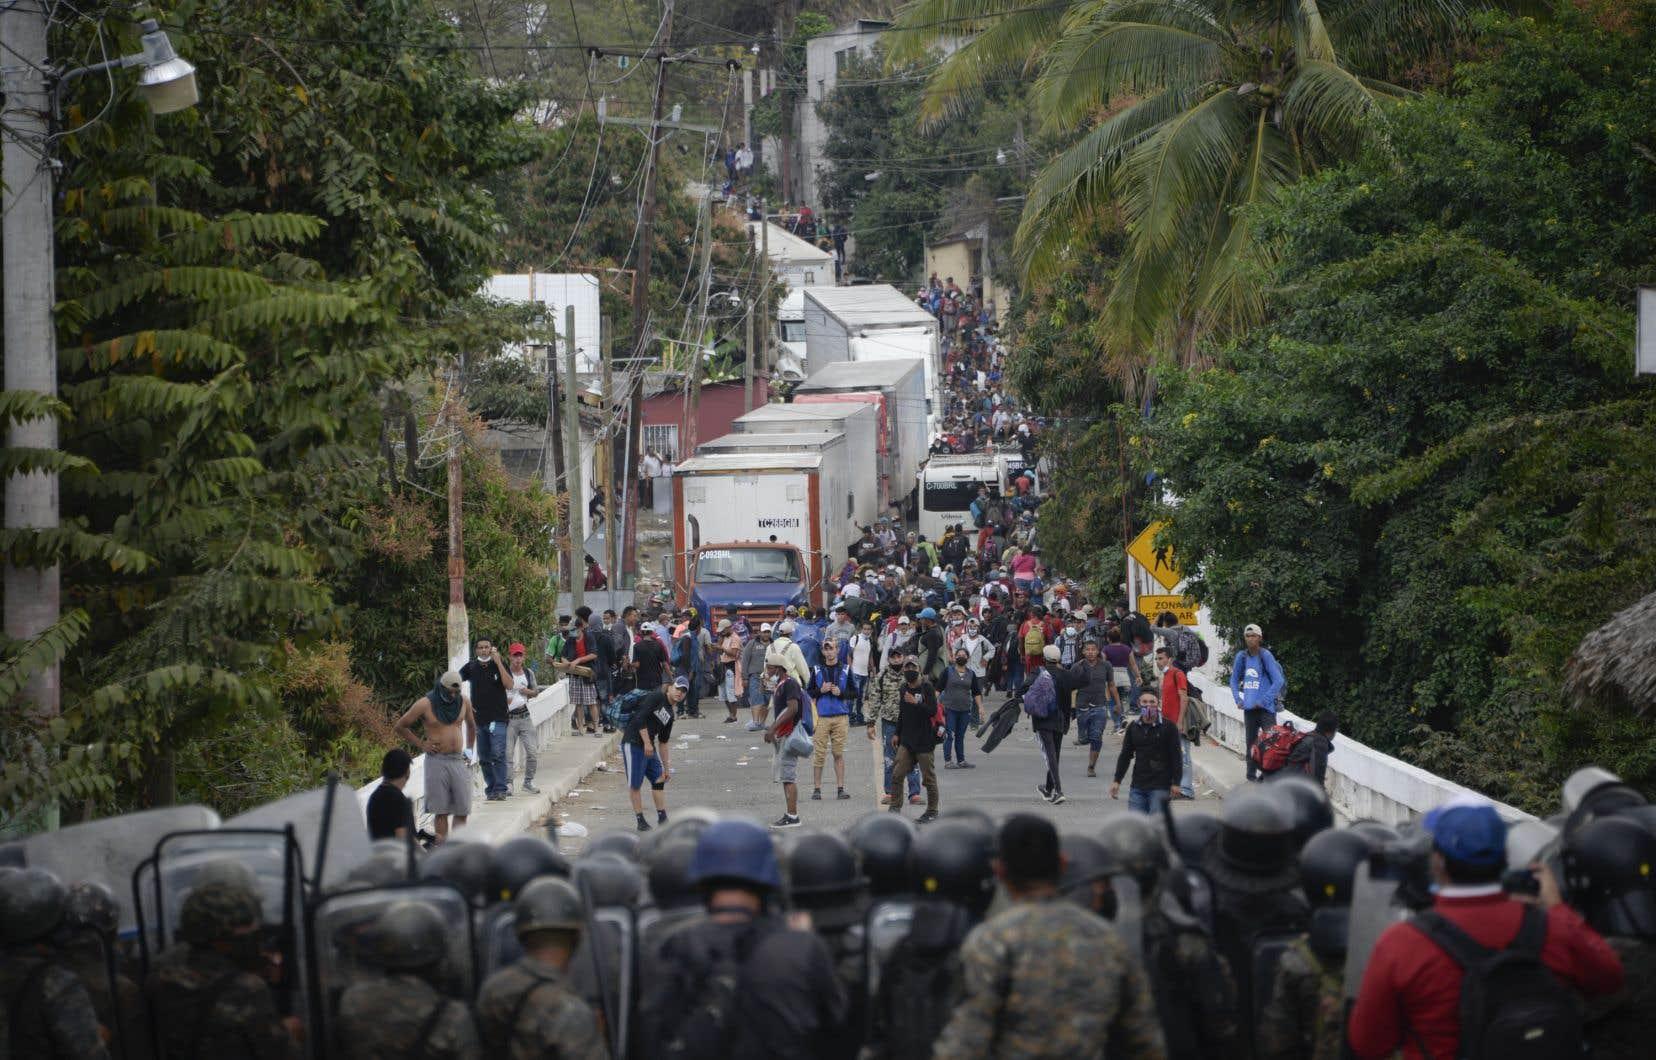 Des migrants qui étaient restés stationnés un axe routier frontalier, bloquant depuis samedi le transit de marchandises, ont été dispersés par de nouveaux tirs de gaz lacrymogène lancés par la police anti-émeute.